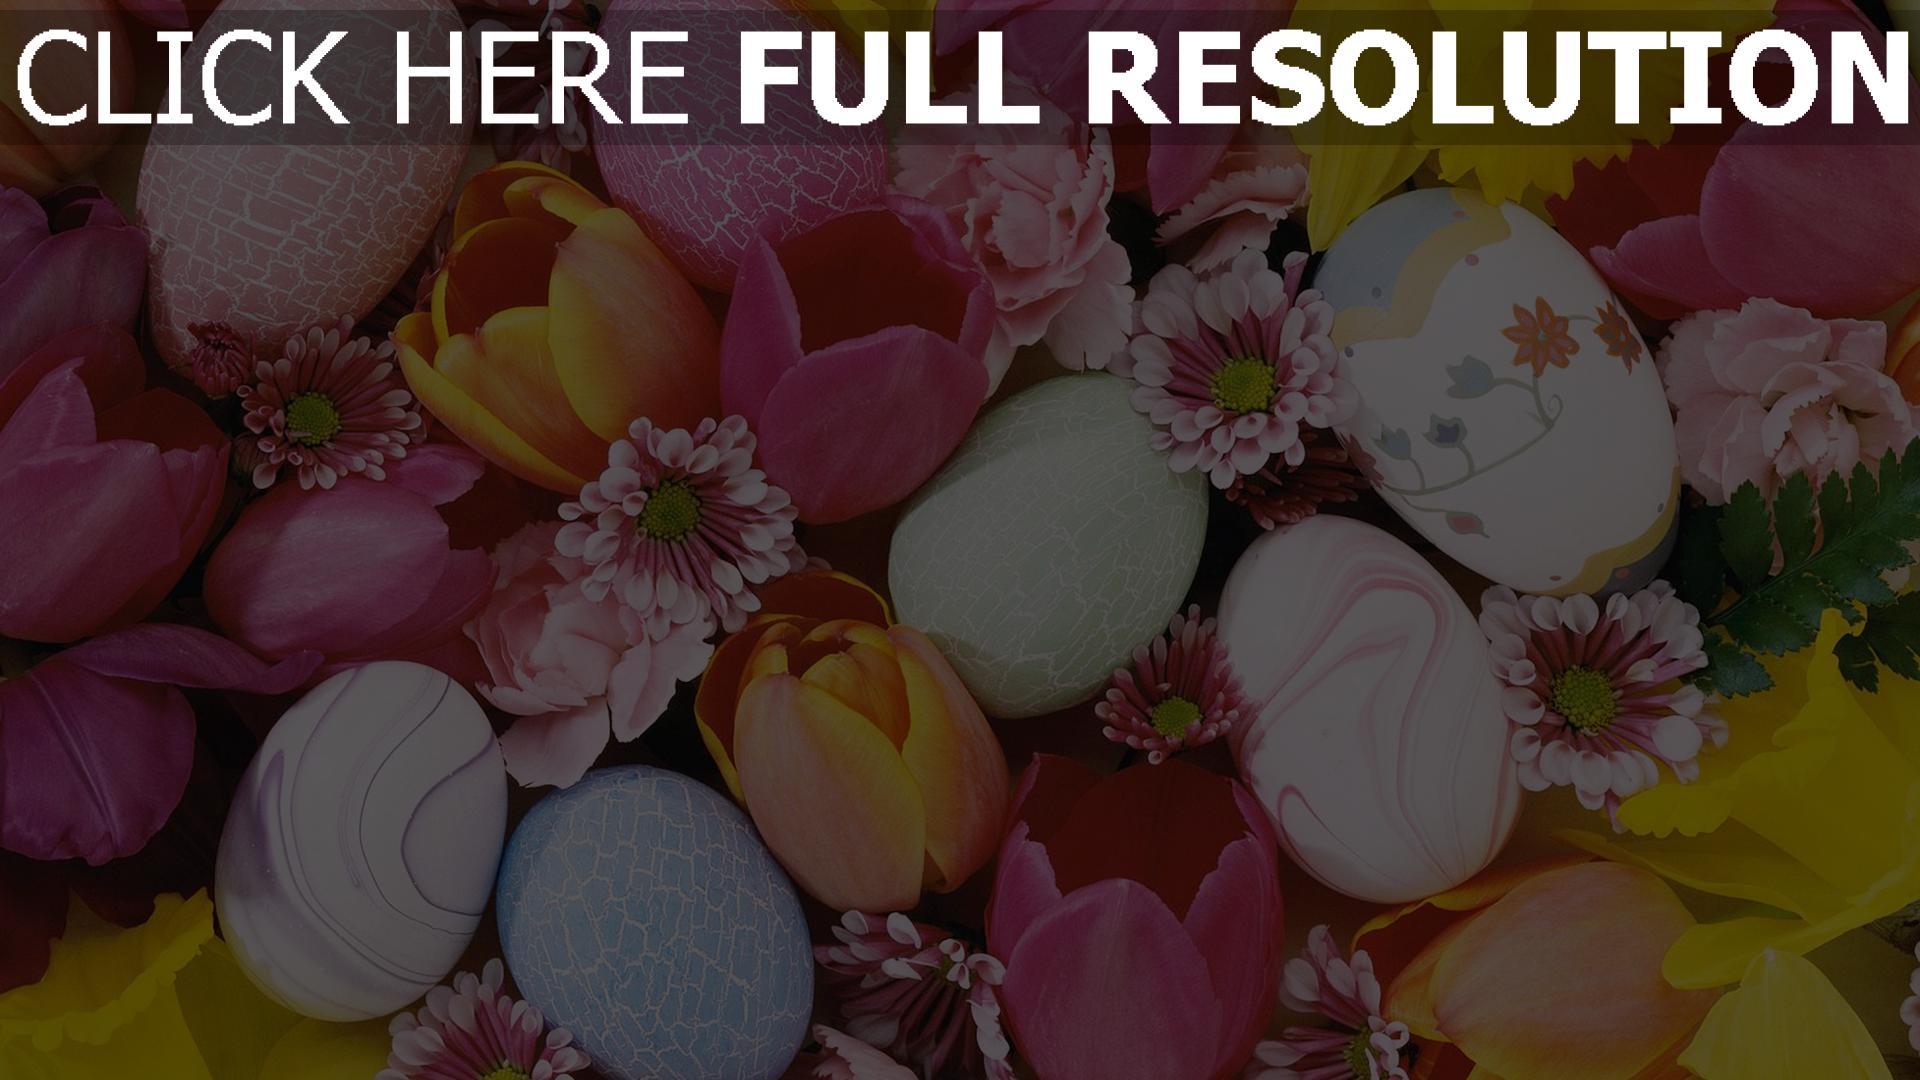 Hintergrundbilder Kostenlos Ostern hd hintergrundbilder tulpen frühling ostern eier bunt desktop